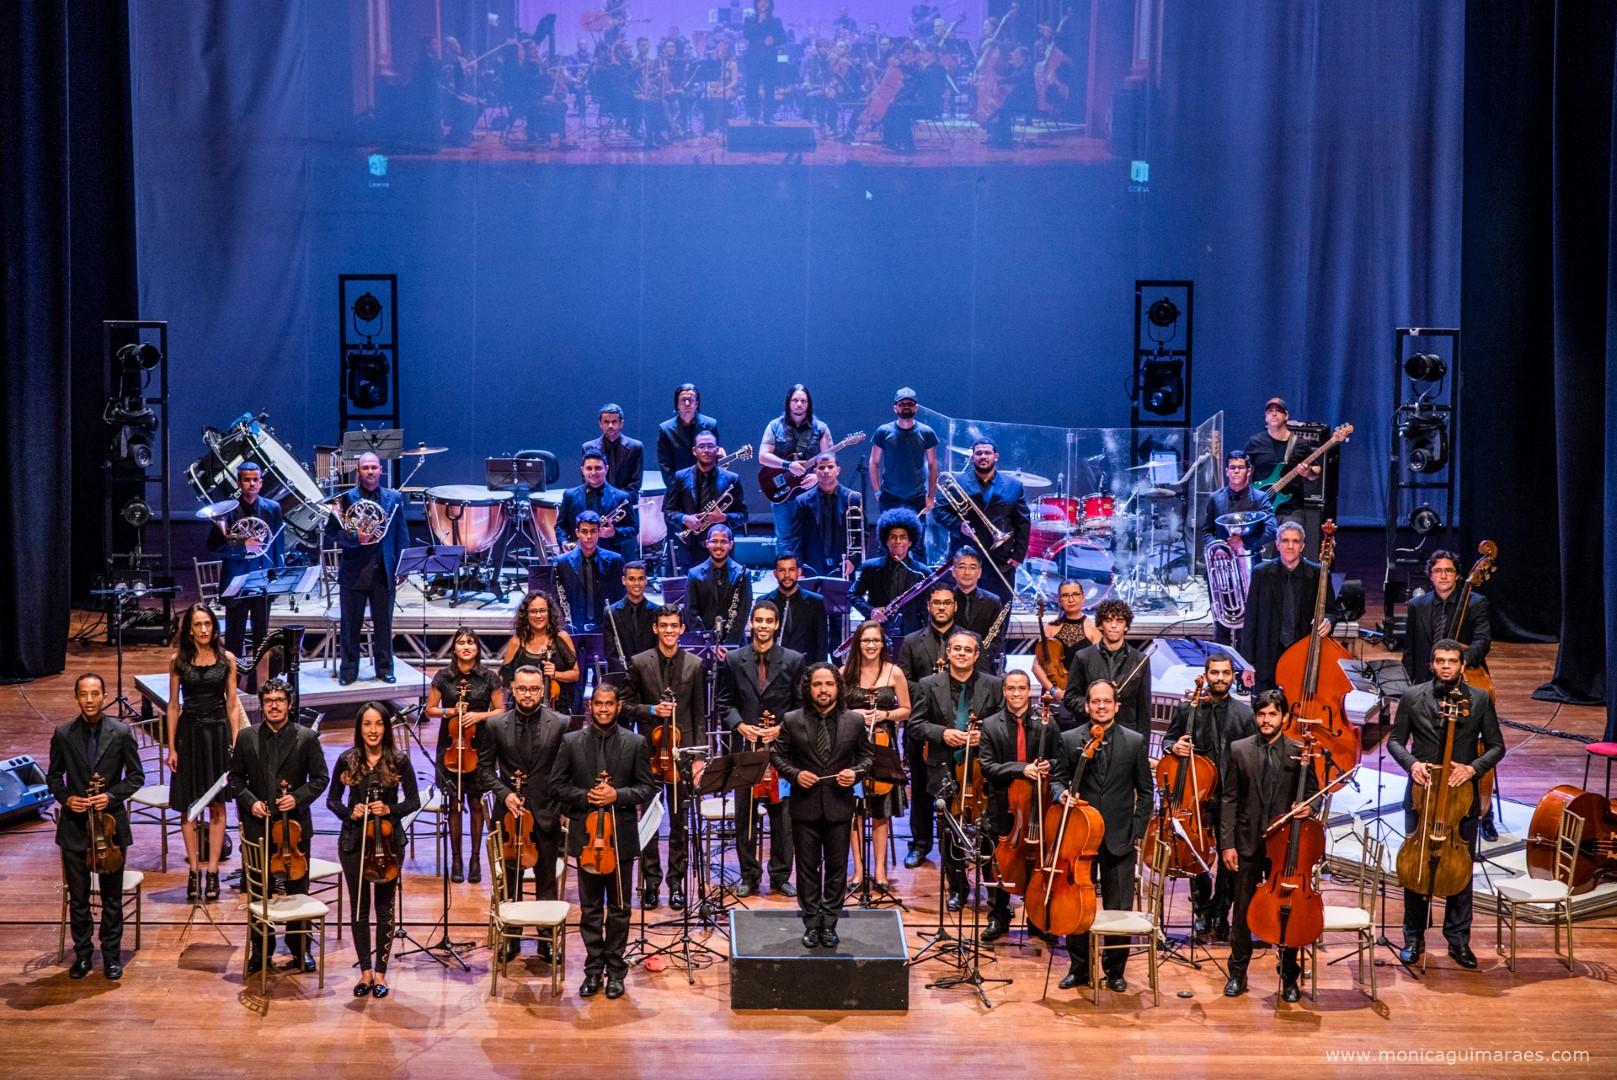 Filarmônica de Alagoas apresenta concerto inspirado nos Anos 80